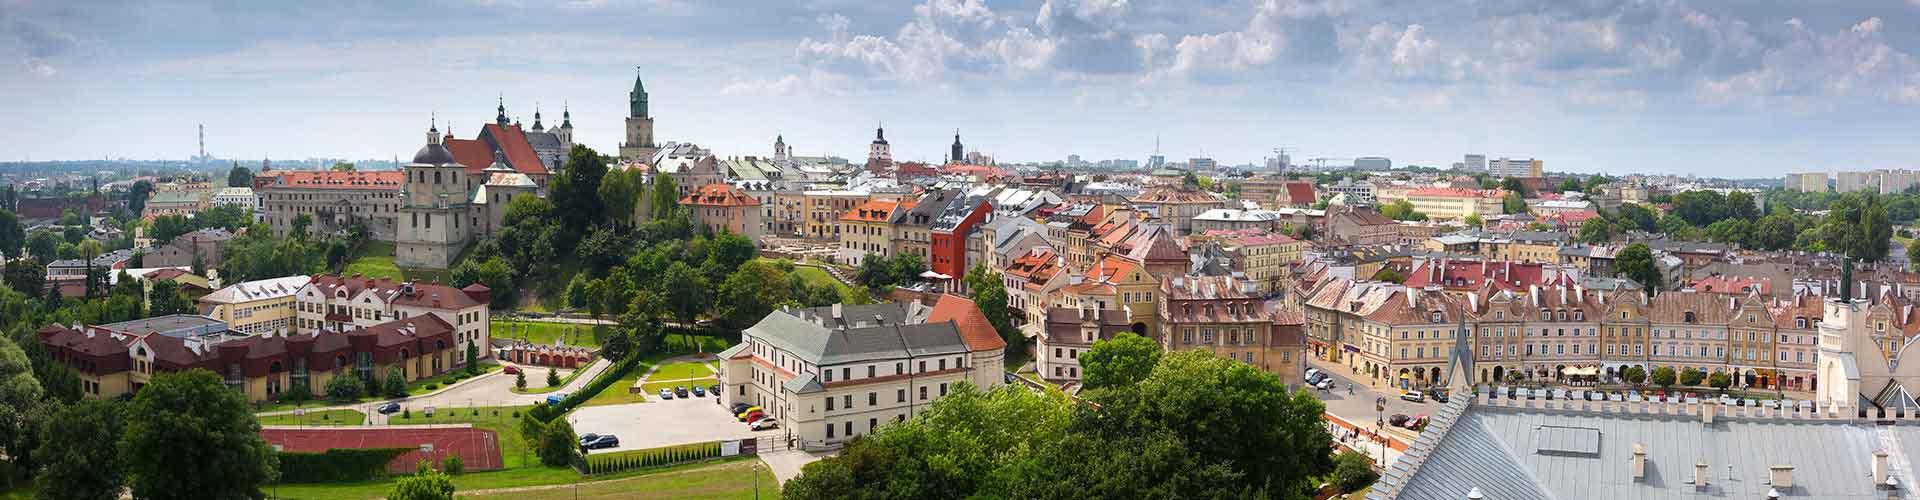 Lublin - Auberges de jeunesse à Lublin. Cartes pour Lublin, photos et commentaires pour chaque auberge de jeunesse à Lublin.